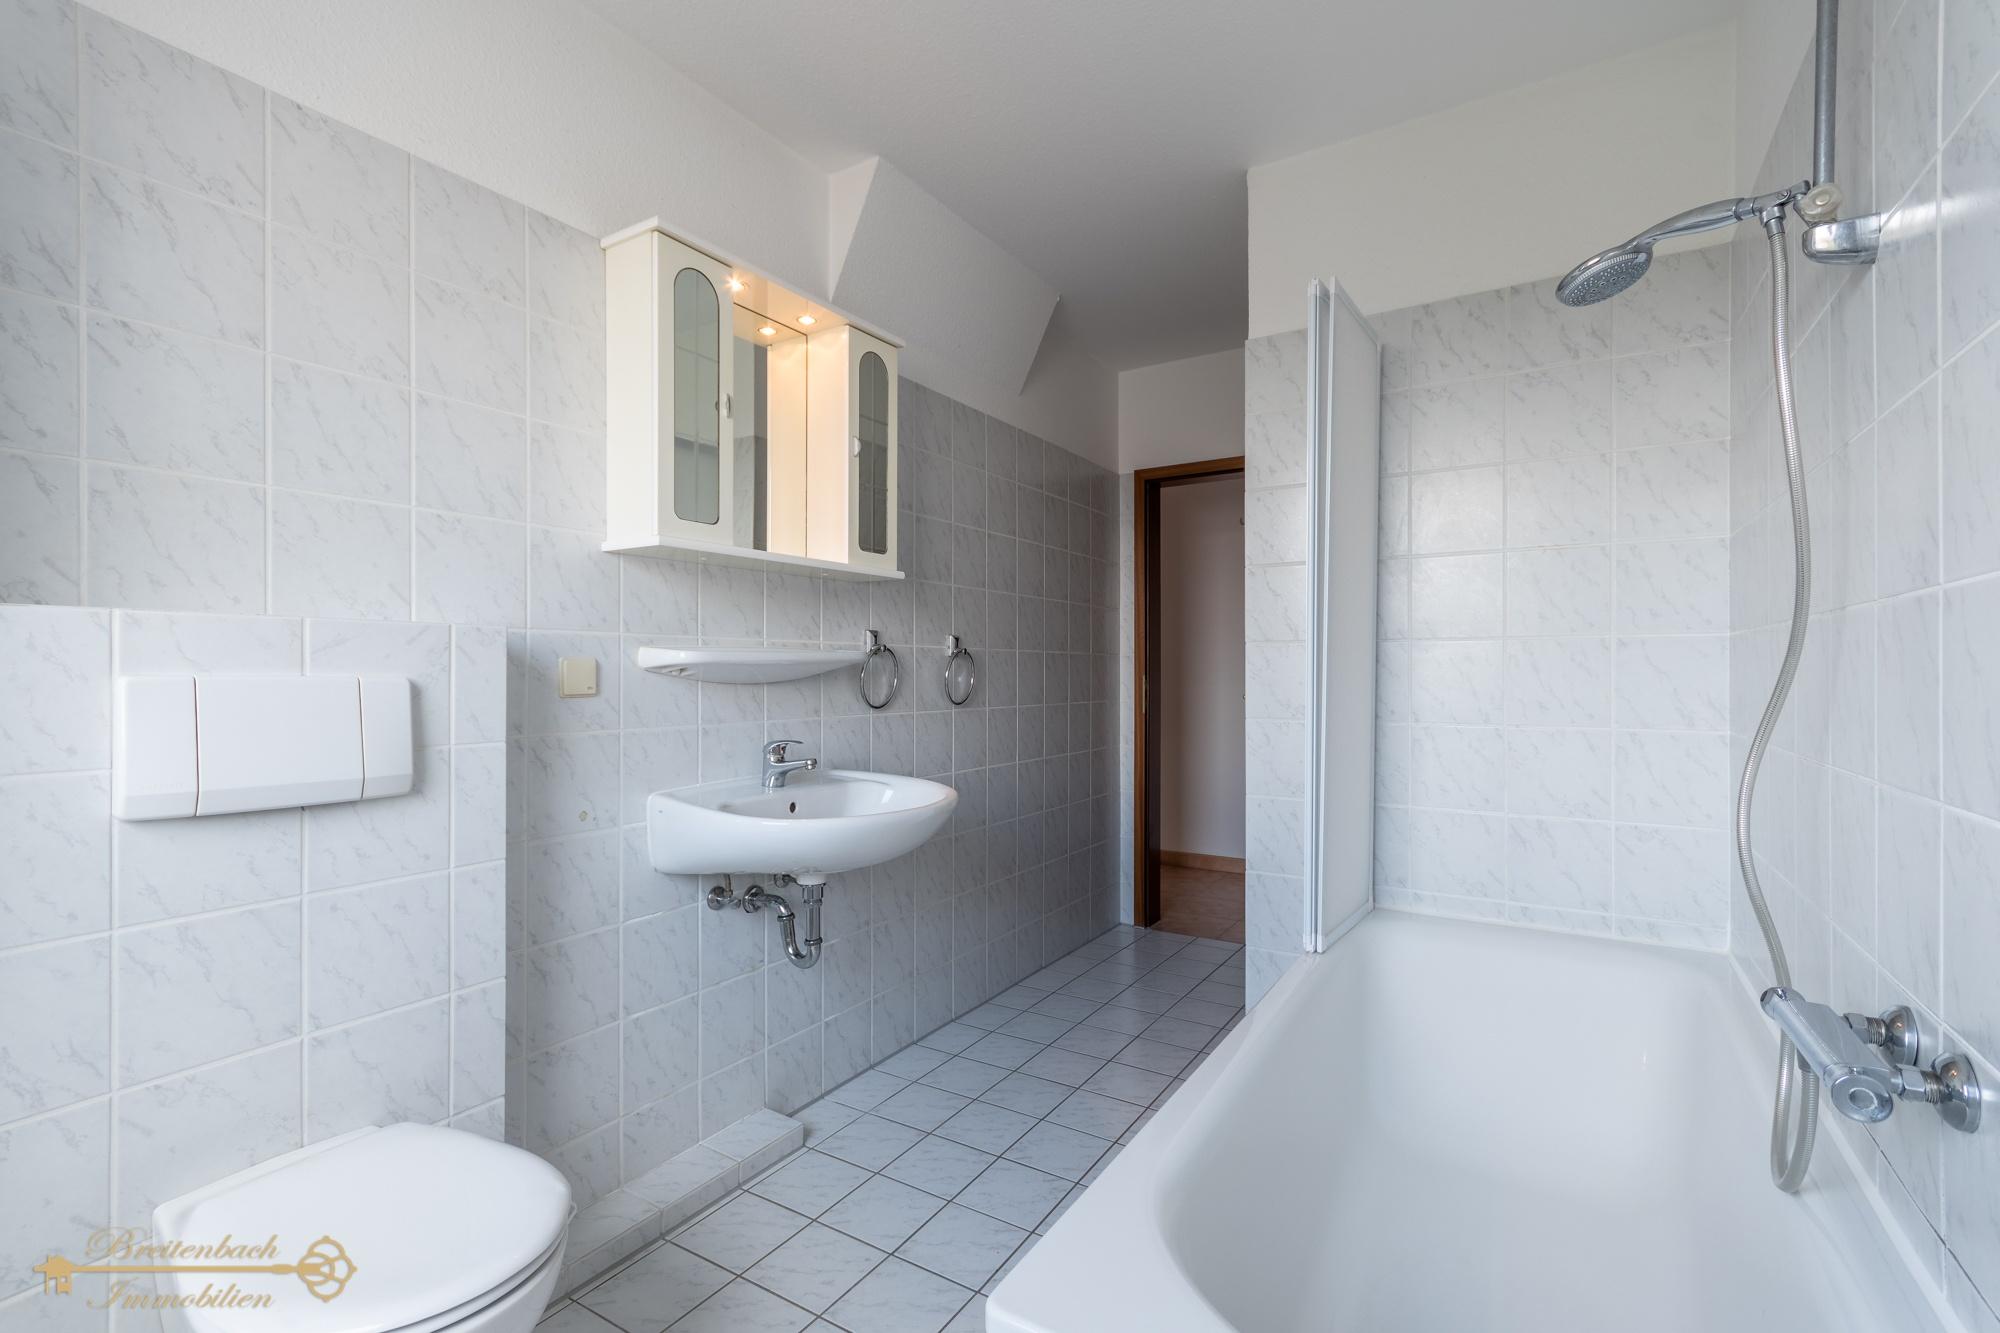 2020-10-07-Breitenbach-Immobilien-10